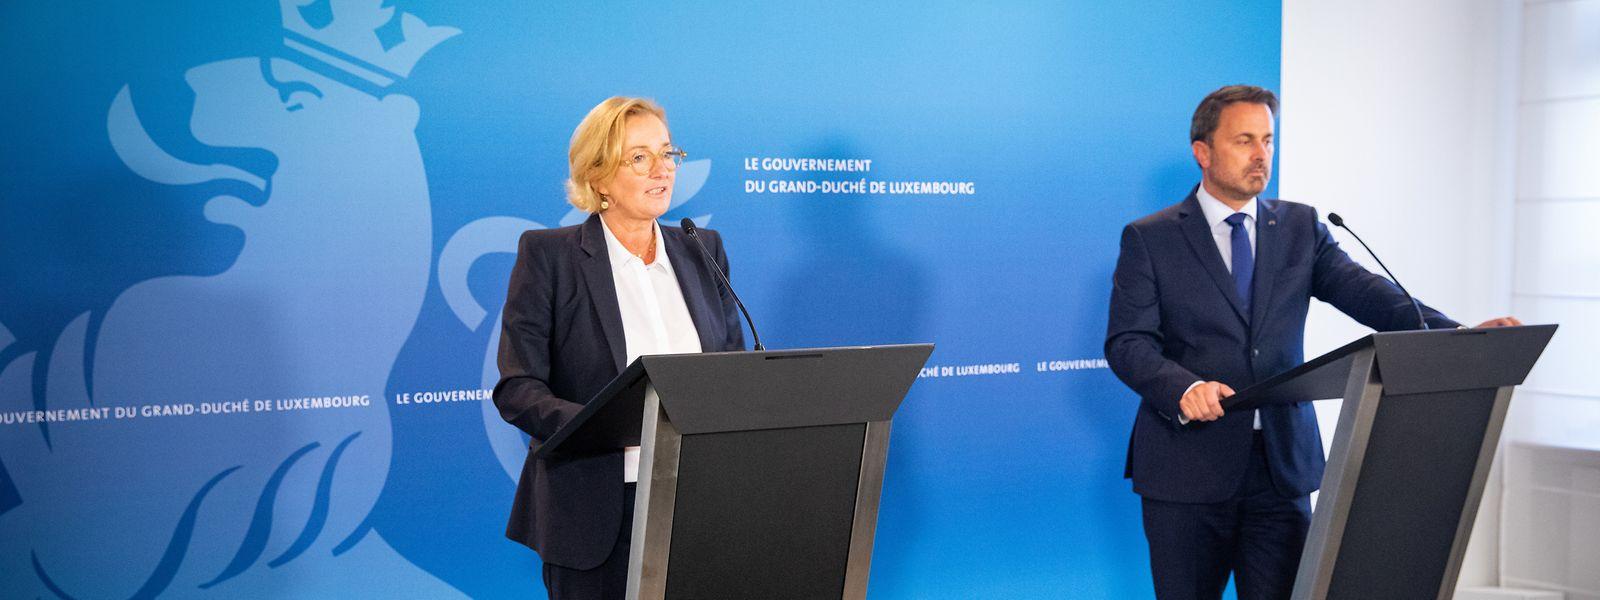 Premier Xavier Bettel und Gesundheitsministerin Paulette Lenert informierten im Rahmen einer Pressekonferenz über die jüngsten Entwicklungen in der Pandemie.